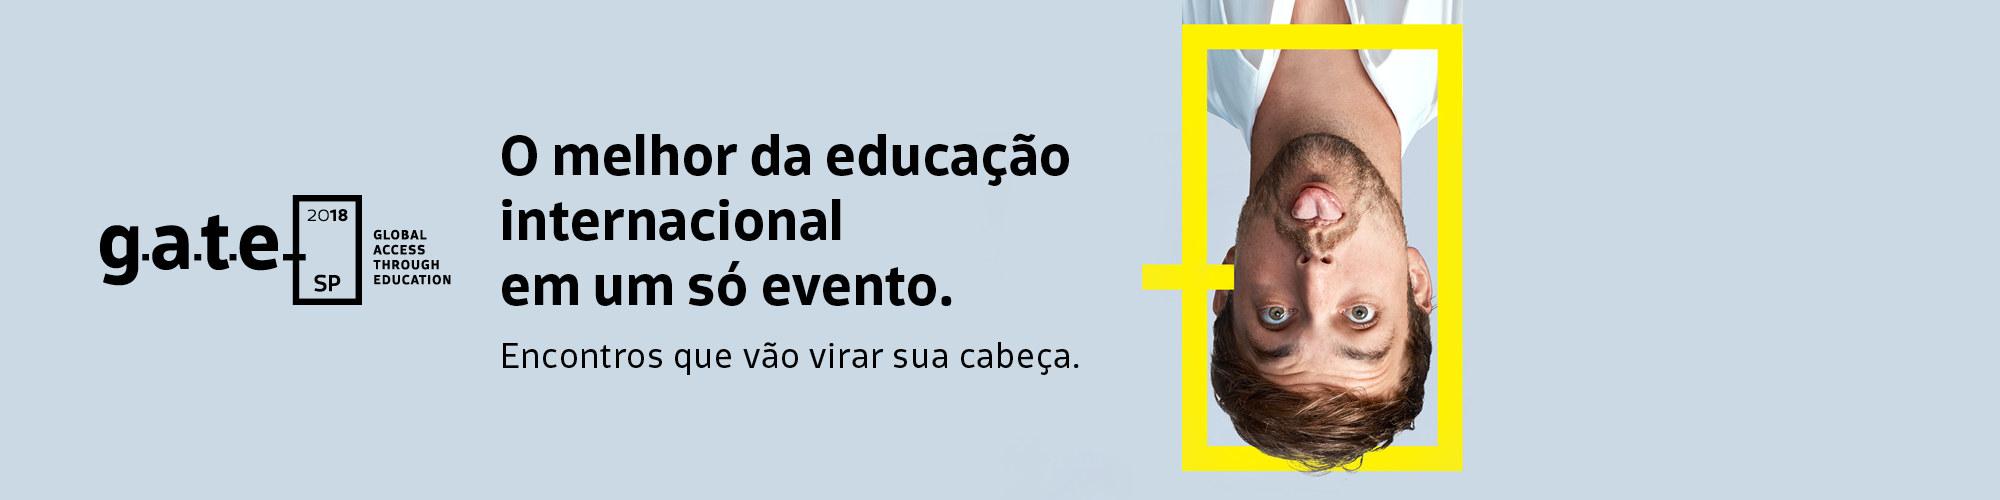 G.A.T.E. 2018 SP na Unibes Cultural: encontro oferece 4 atividades gratuitas